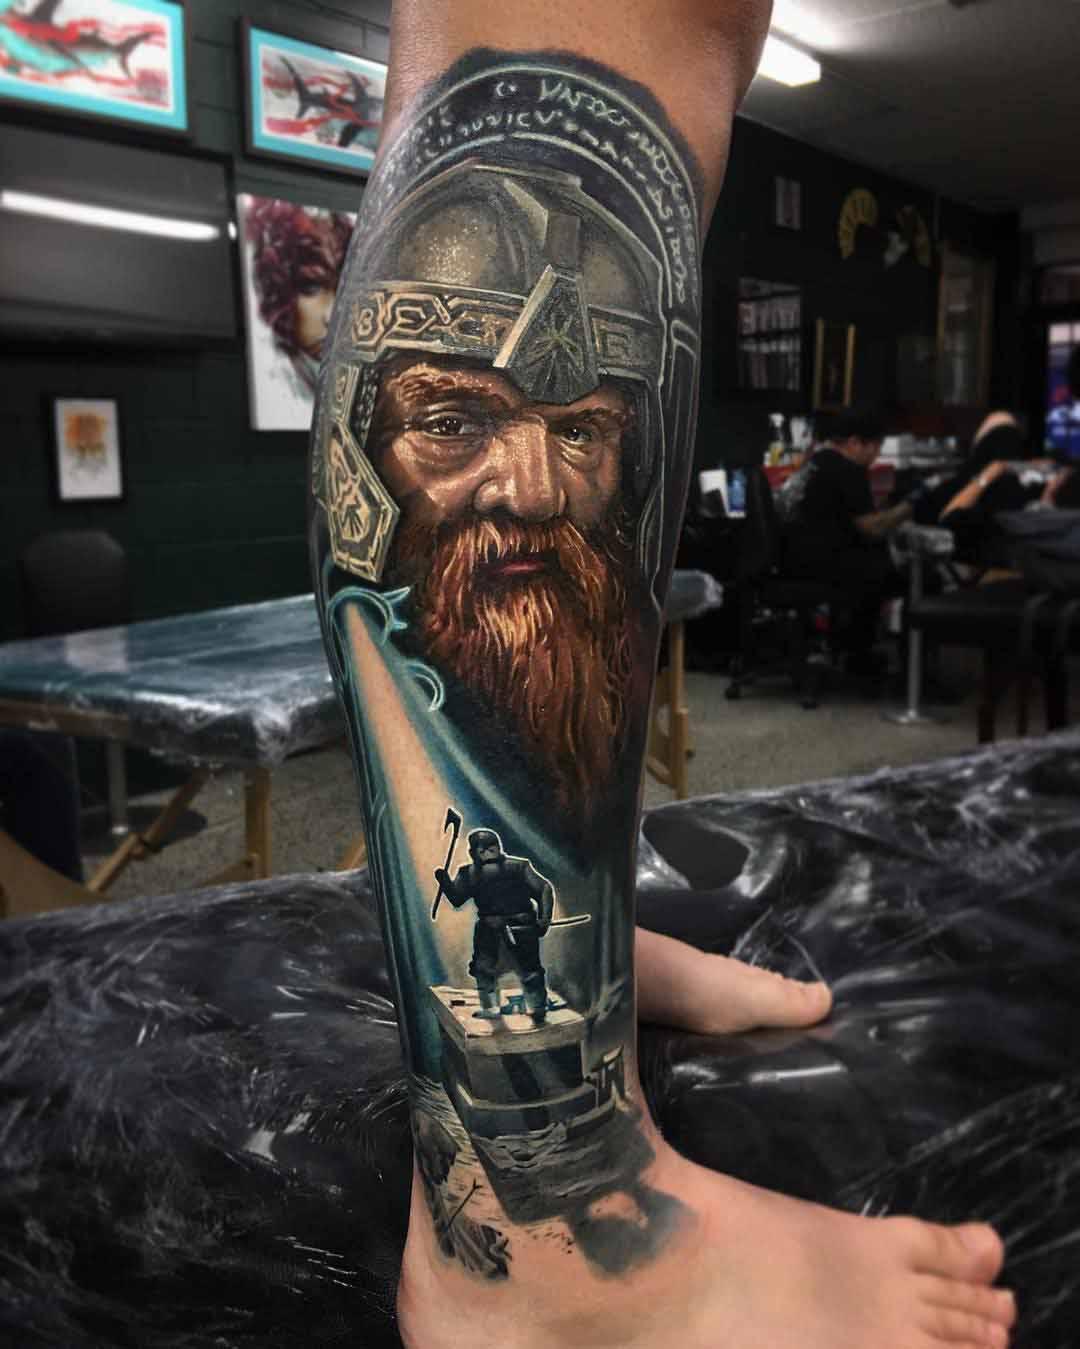 LOTR Tattoo on leg Gimli dwarf